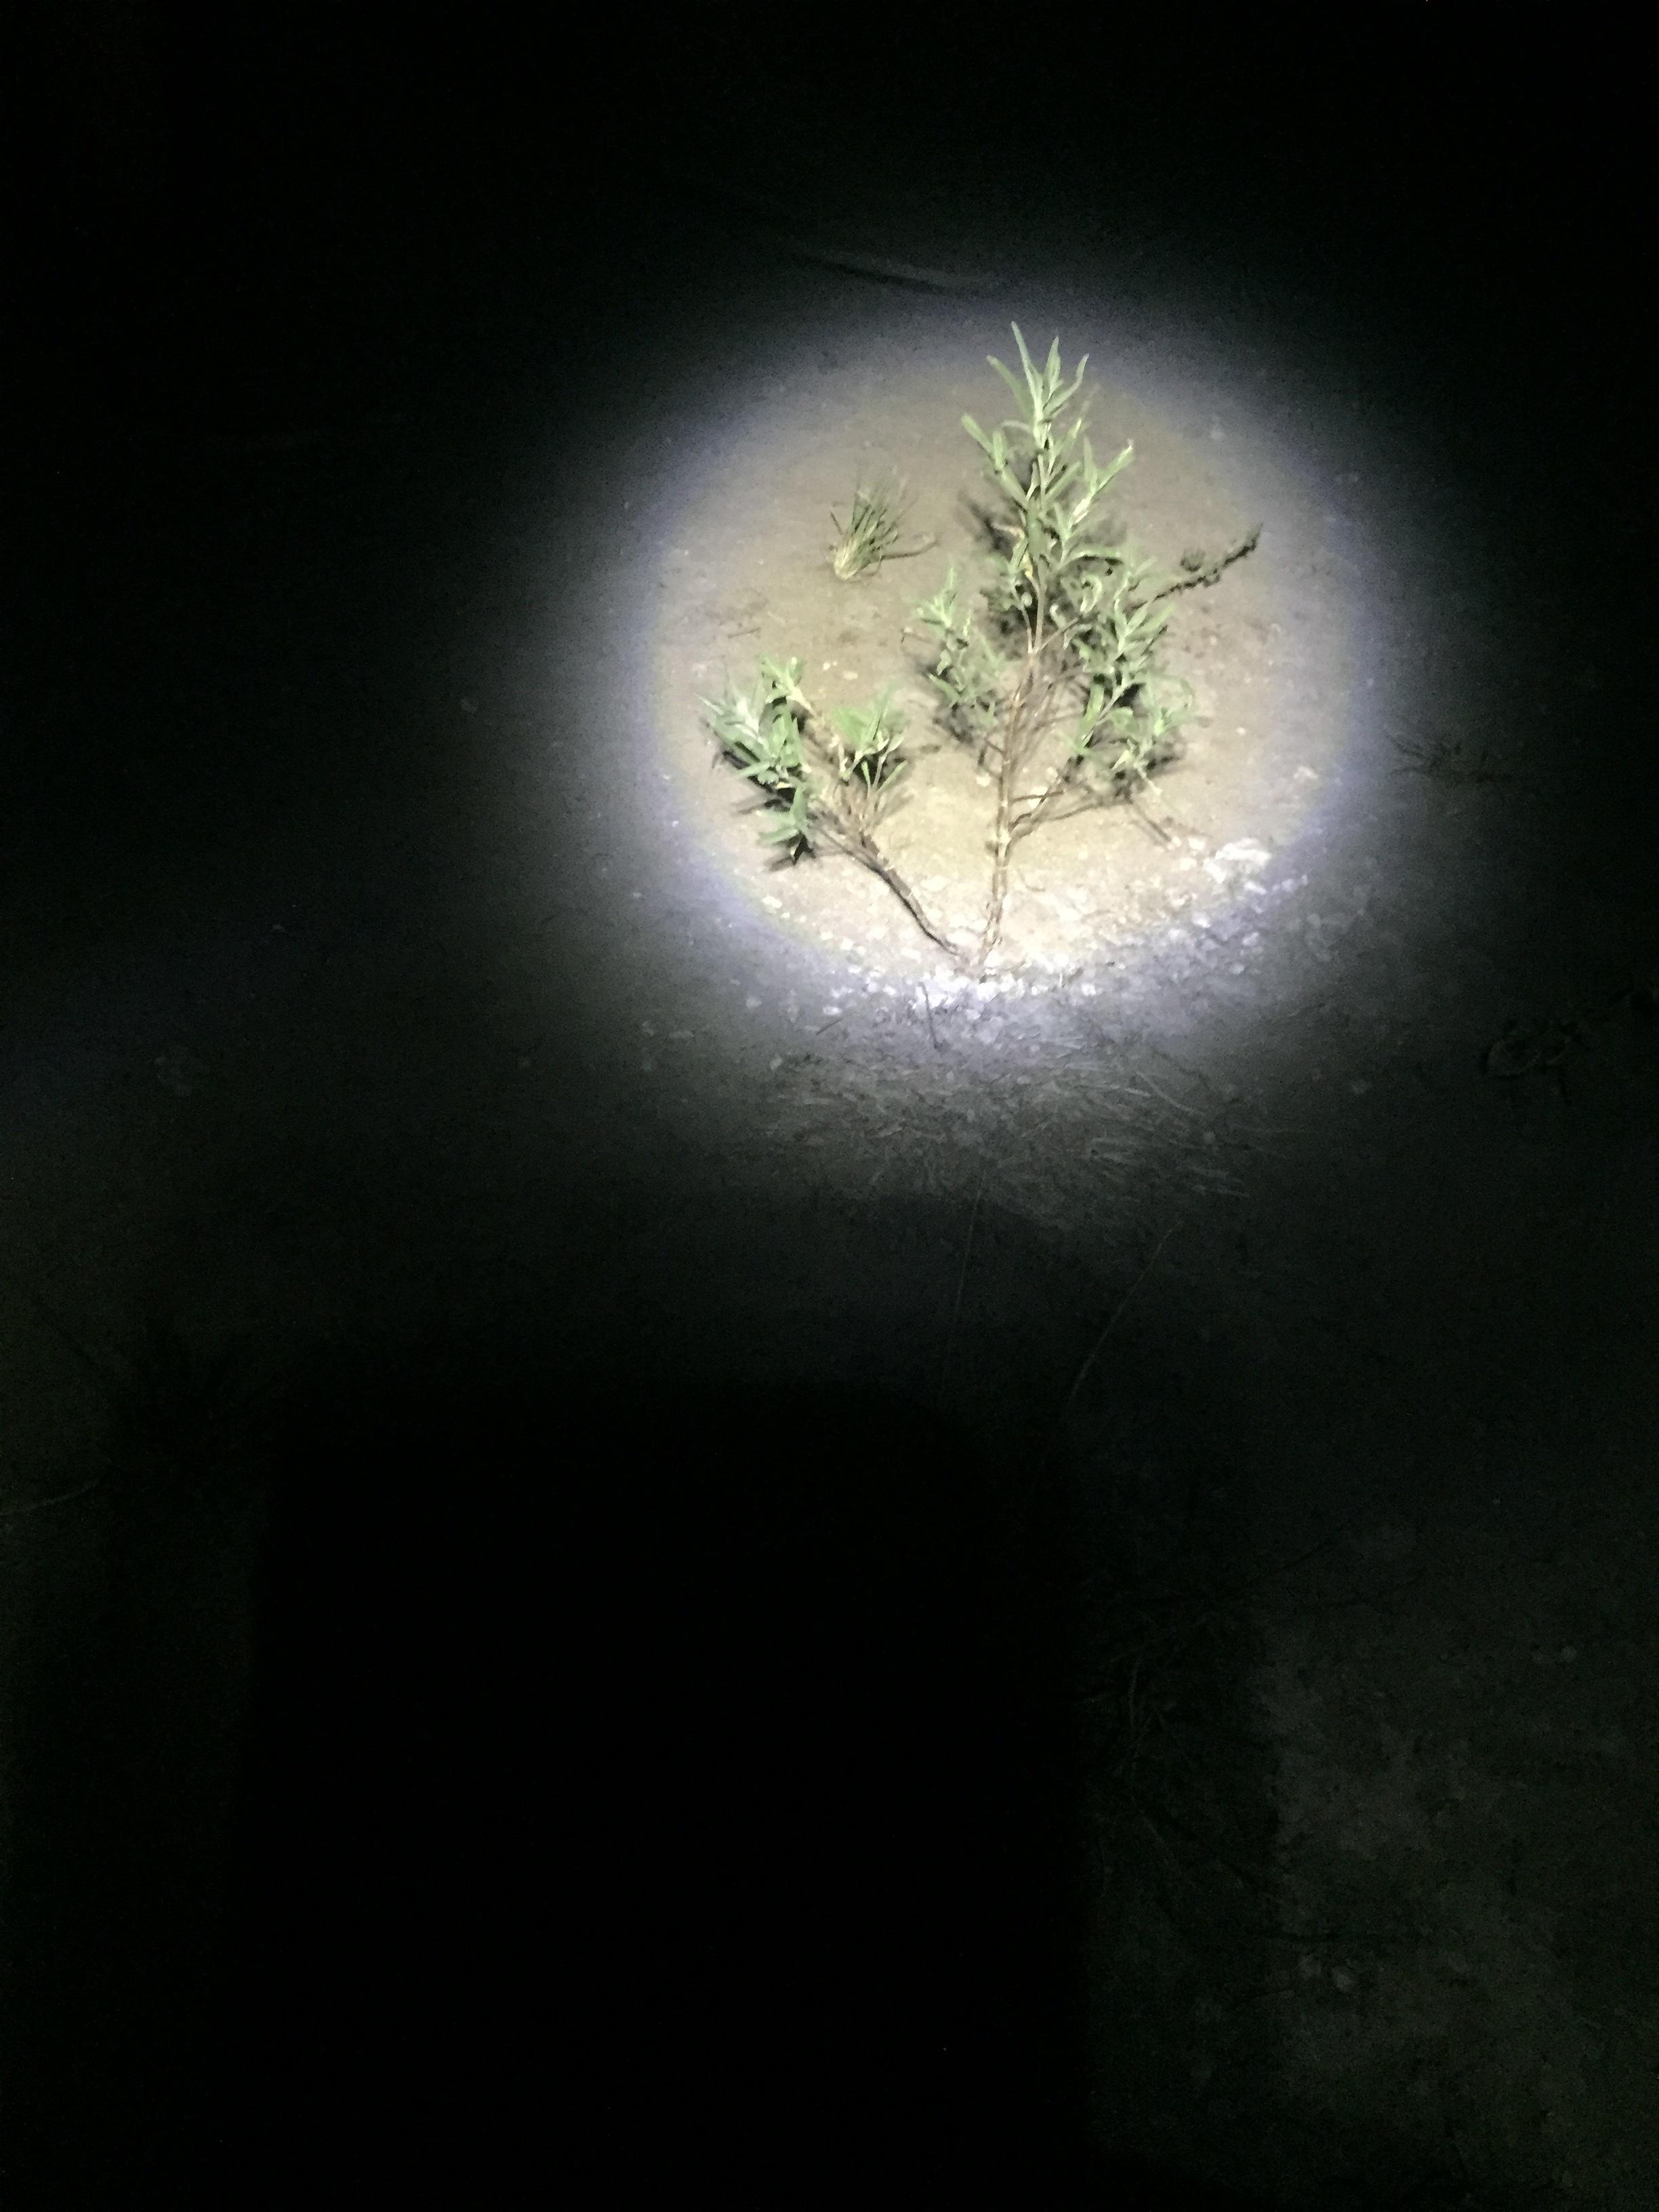 Illuminated shrub.